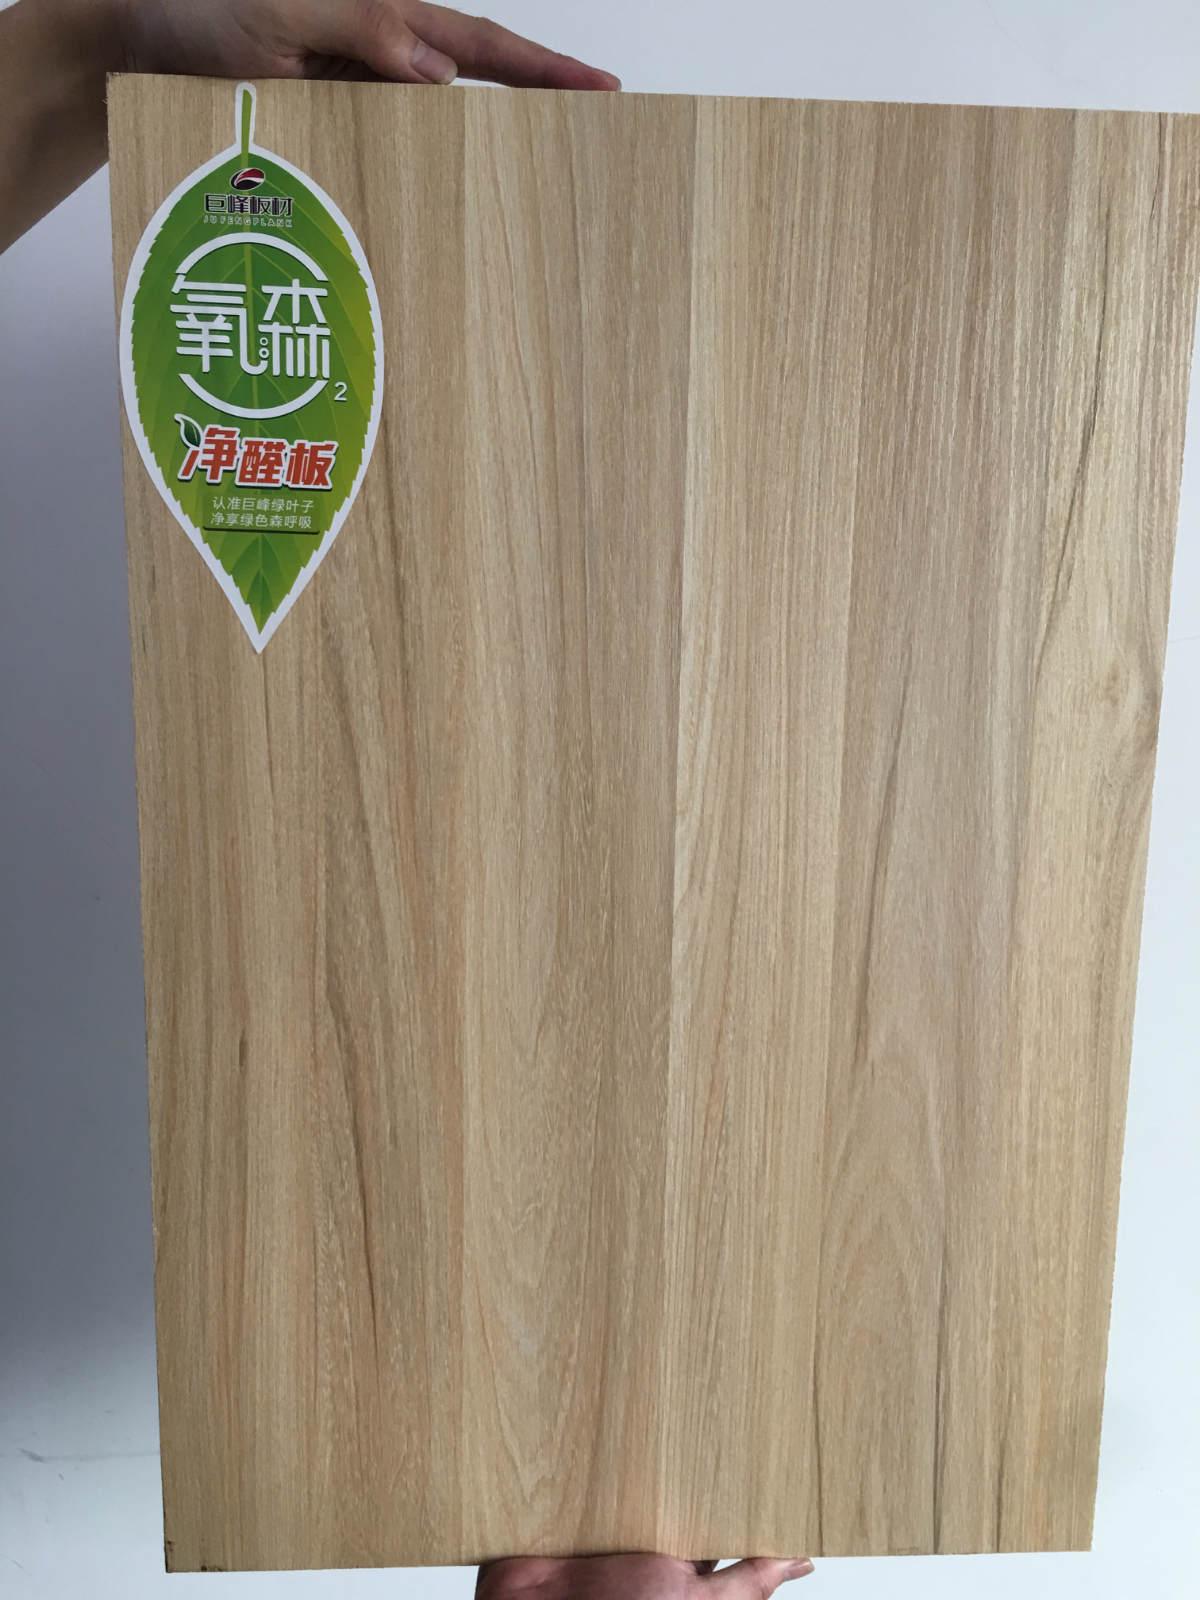 巨峰木业:好板材是怎样做成的